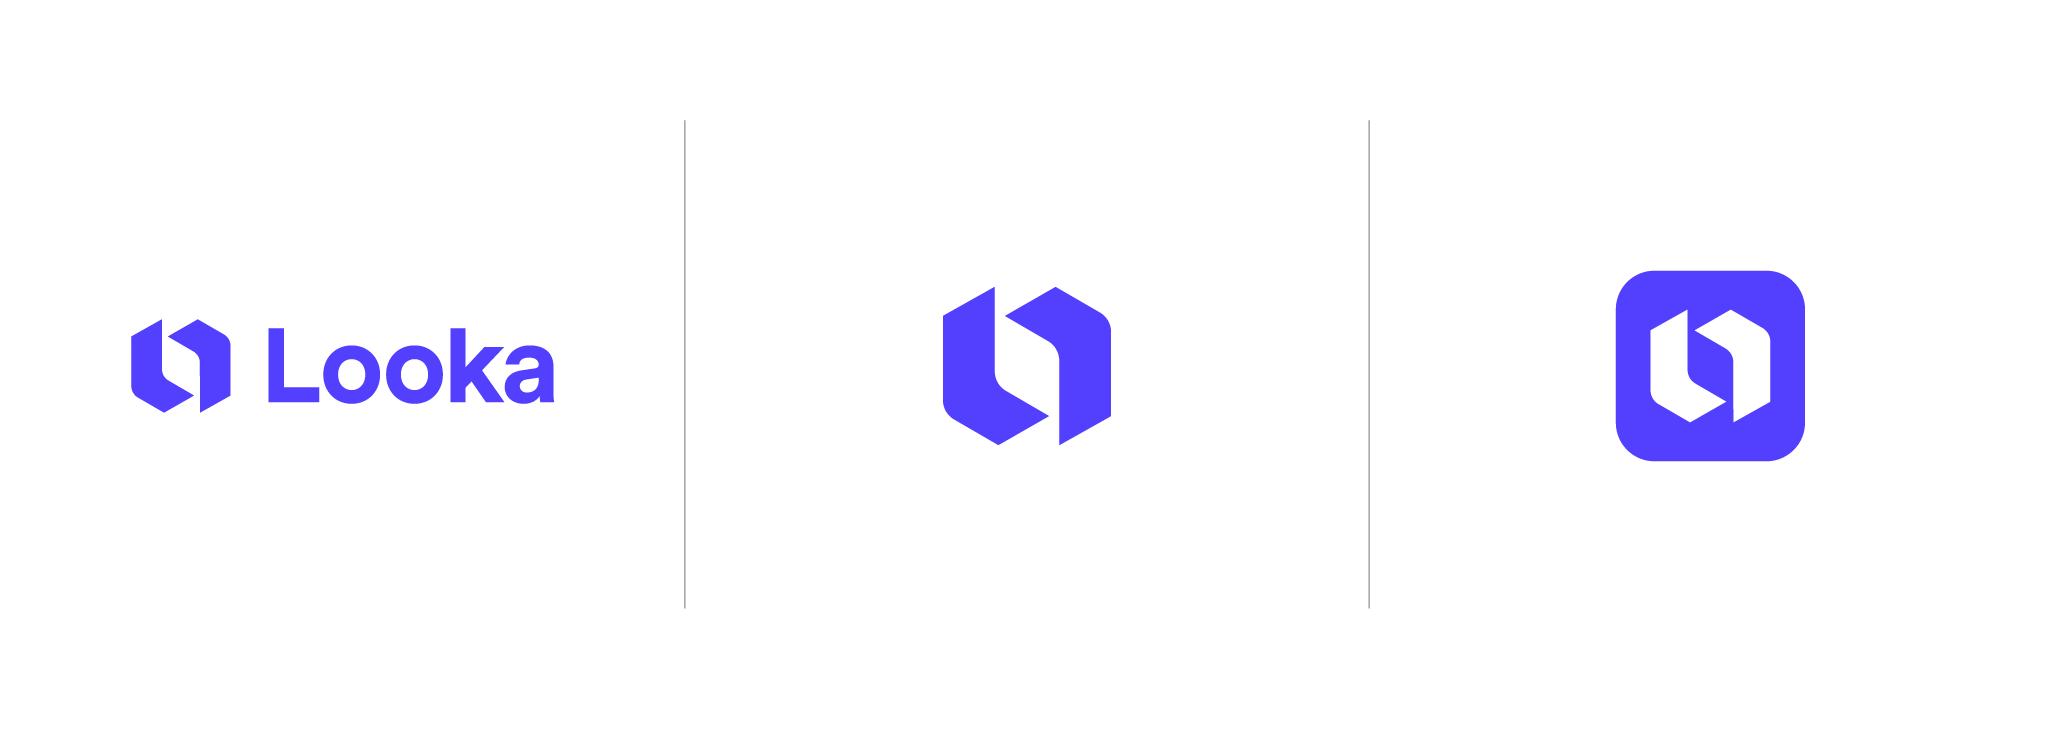 looka_logo_lockups.png